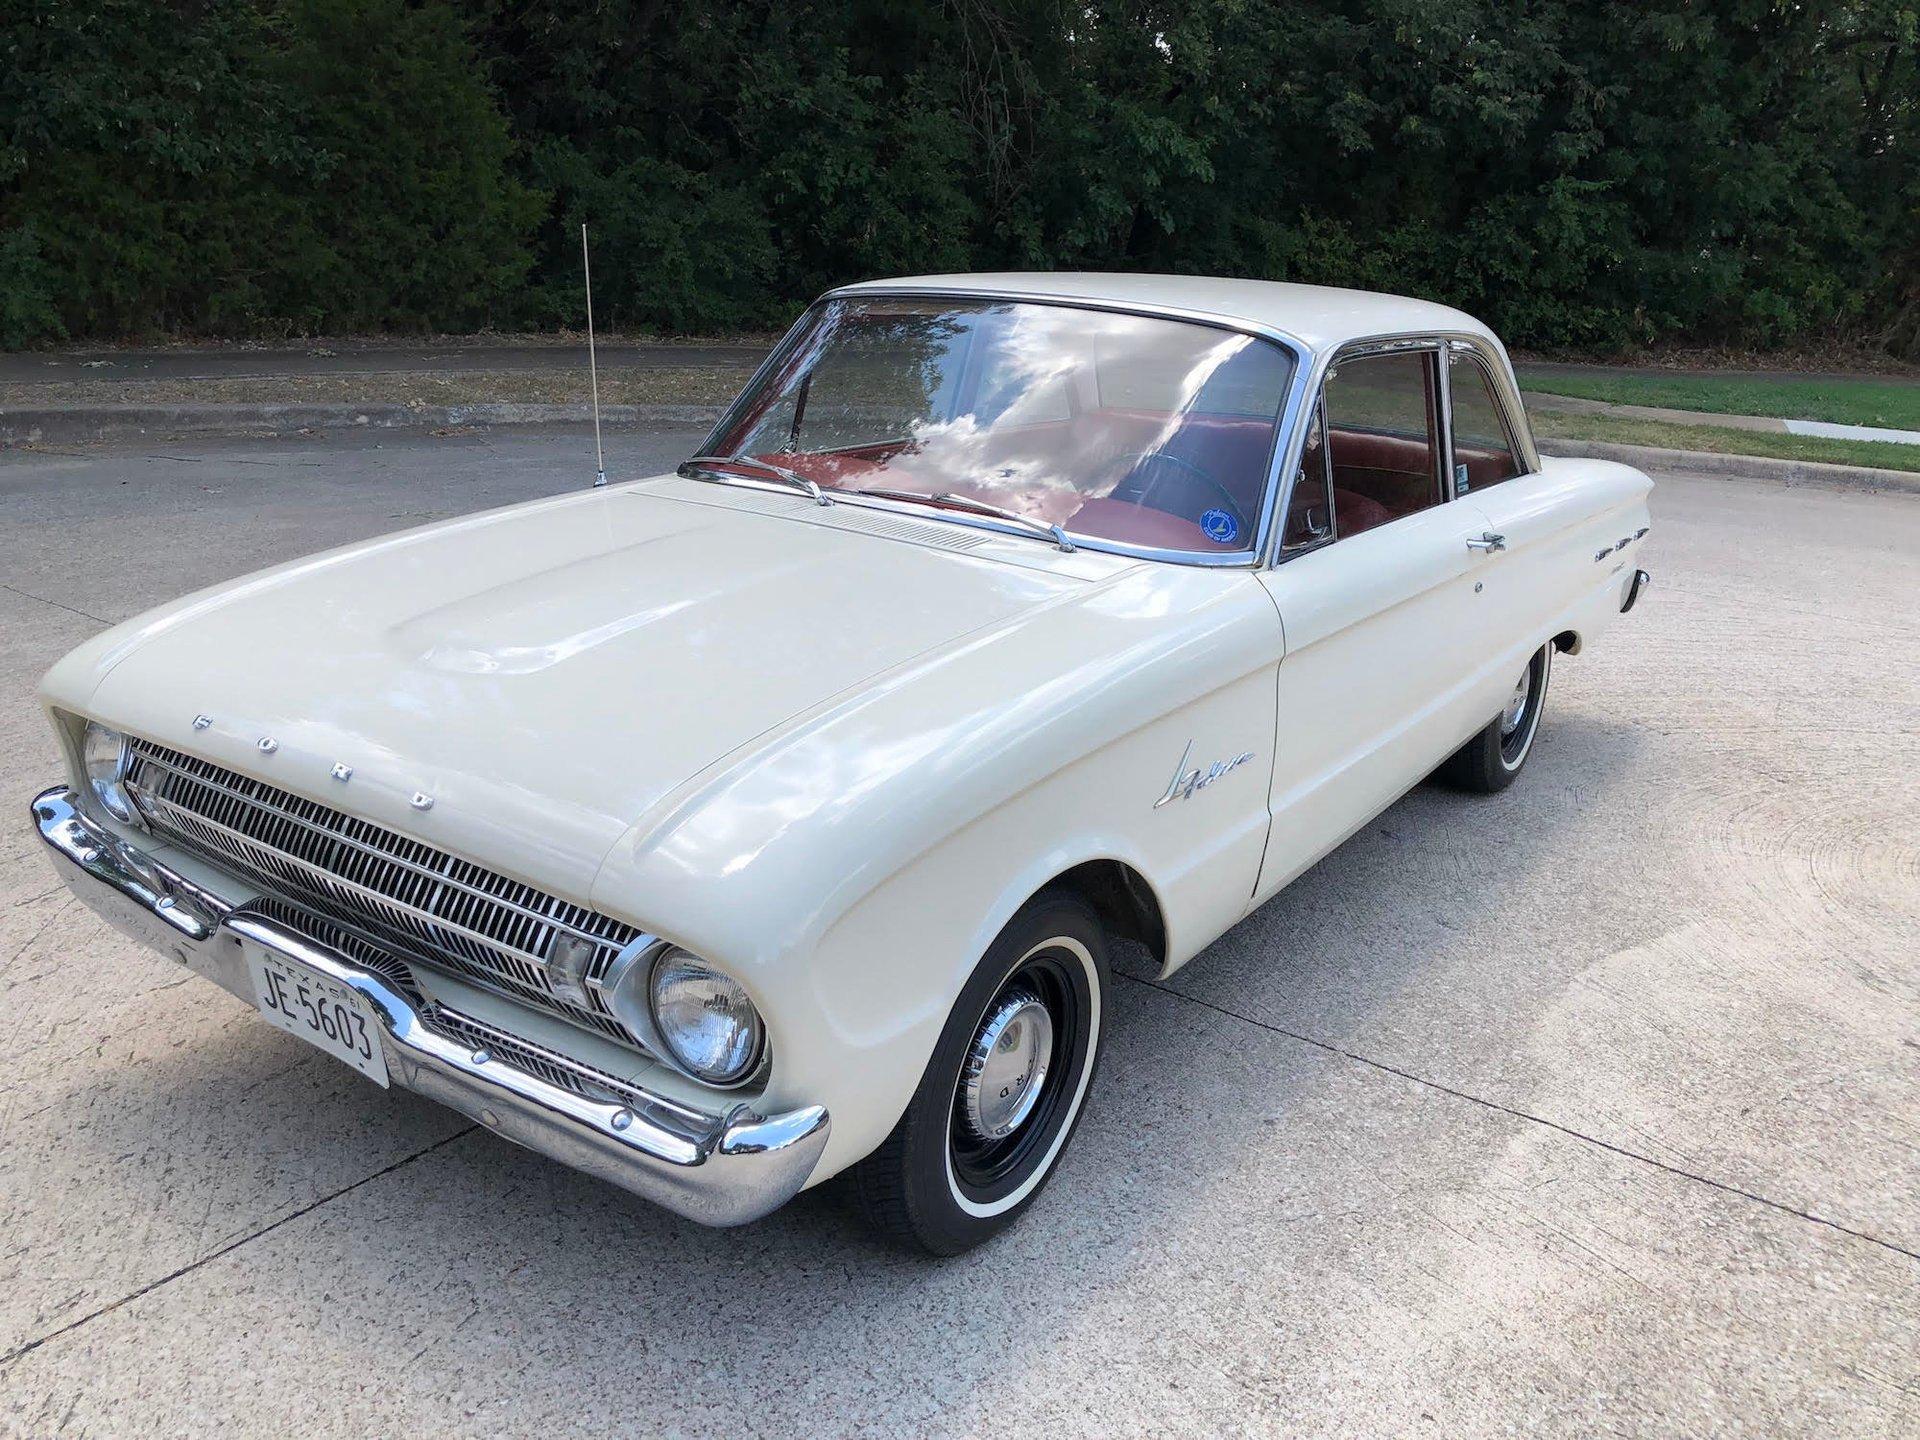 1961 Ford Falcon Premier Auction